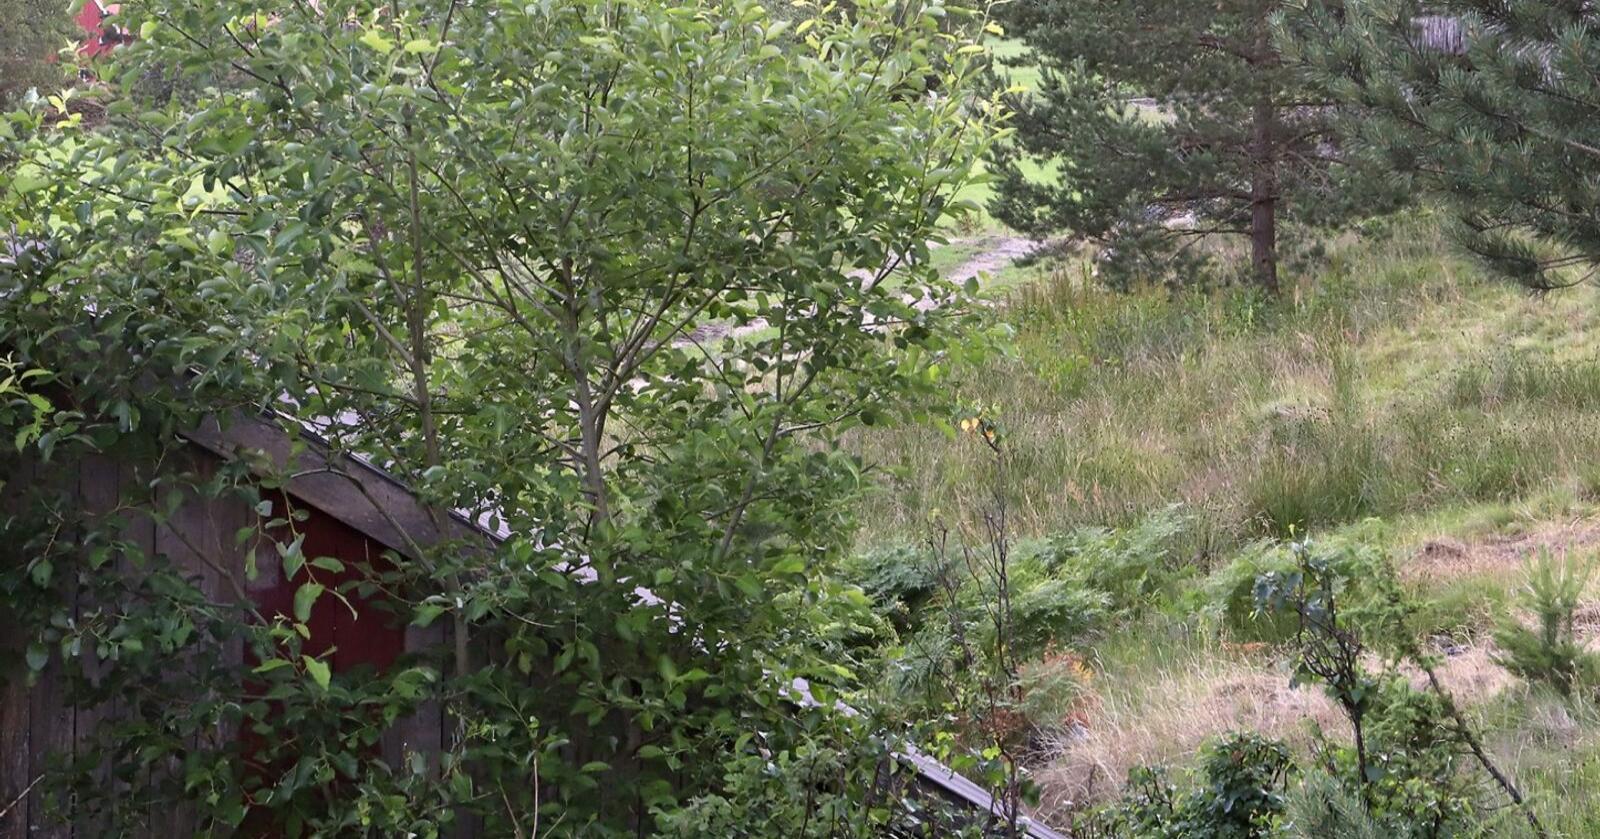 Slik Tilbakeblikk-serien viser, gror Norge igjen. Et eksempel på dette er her i Arendal i Agder. Foto: Oskar Puschmann, NIBIO.